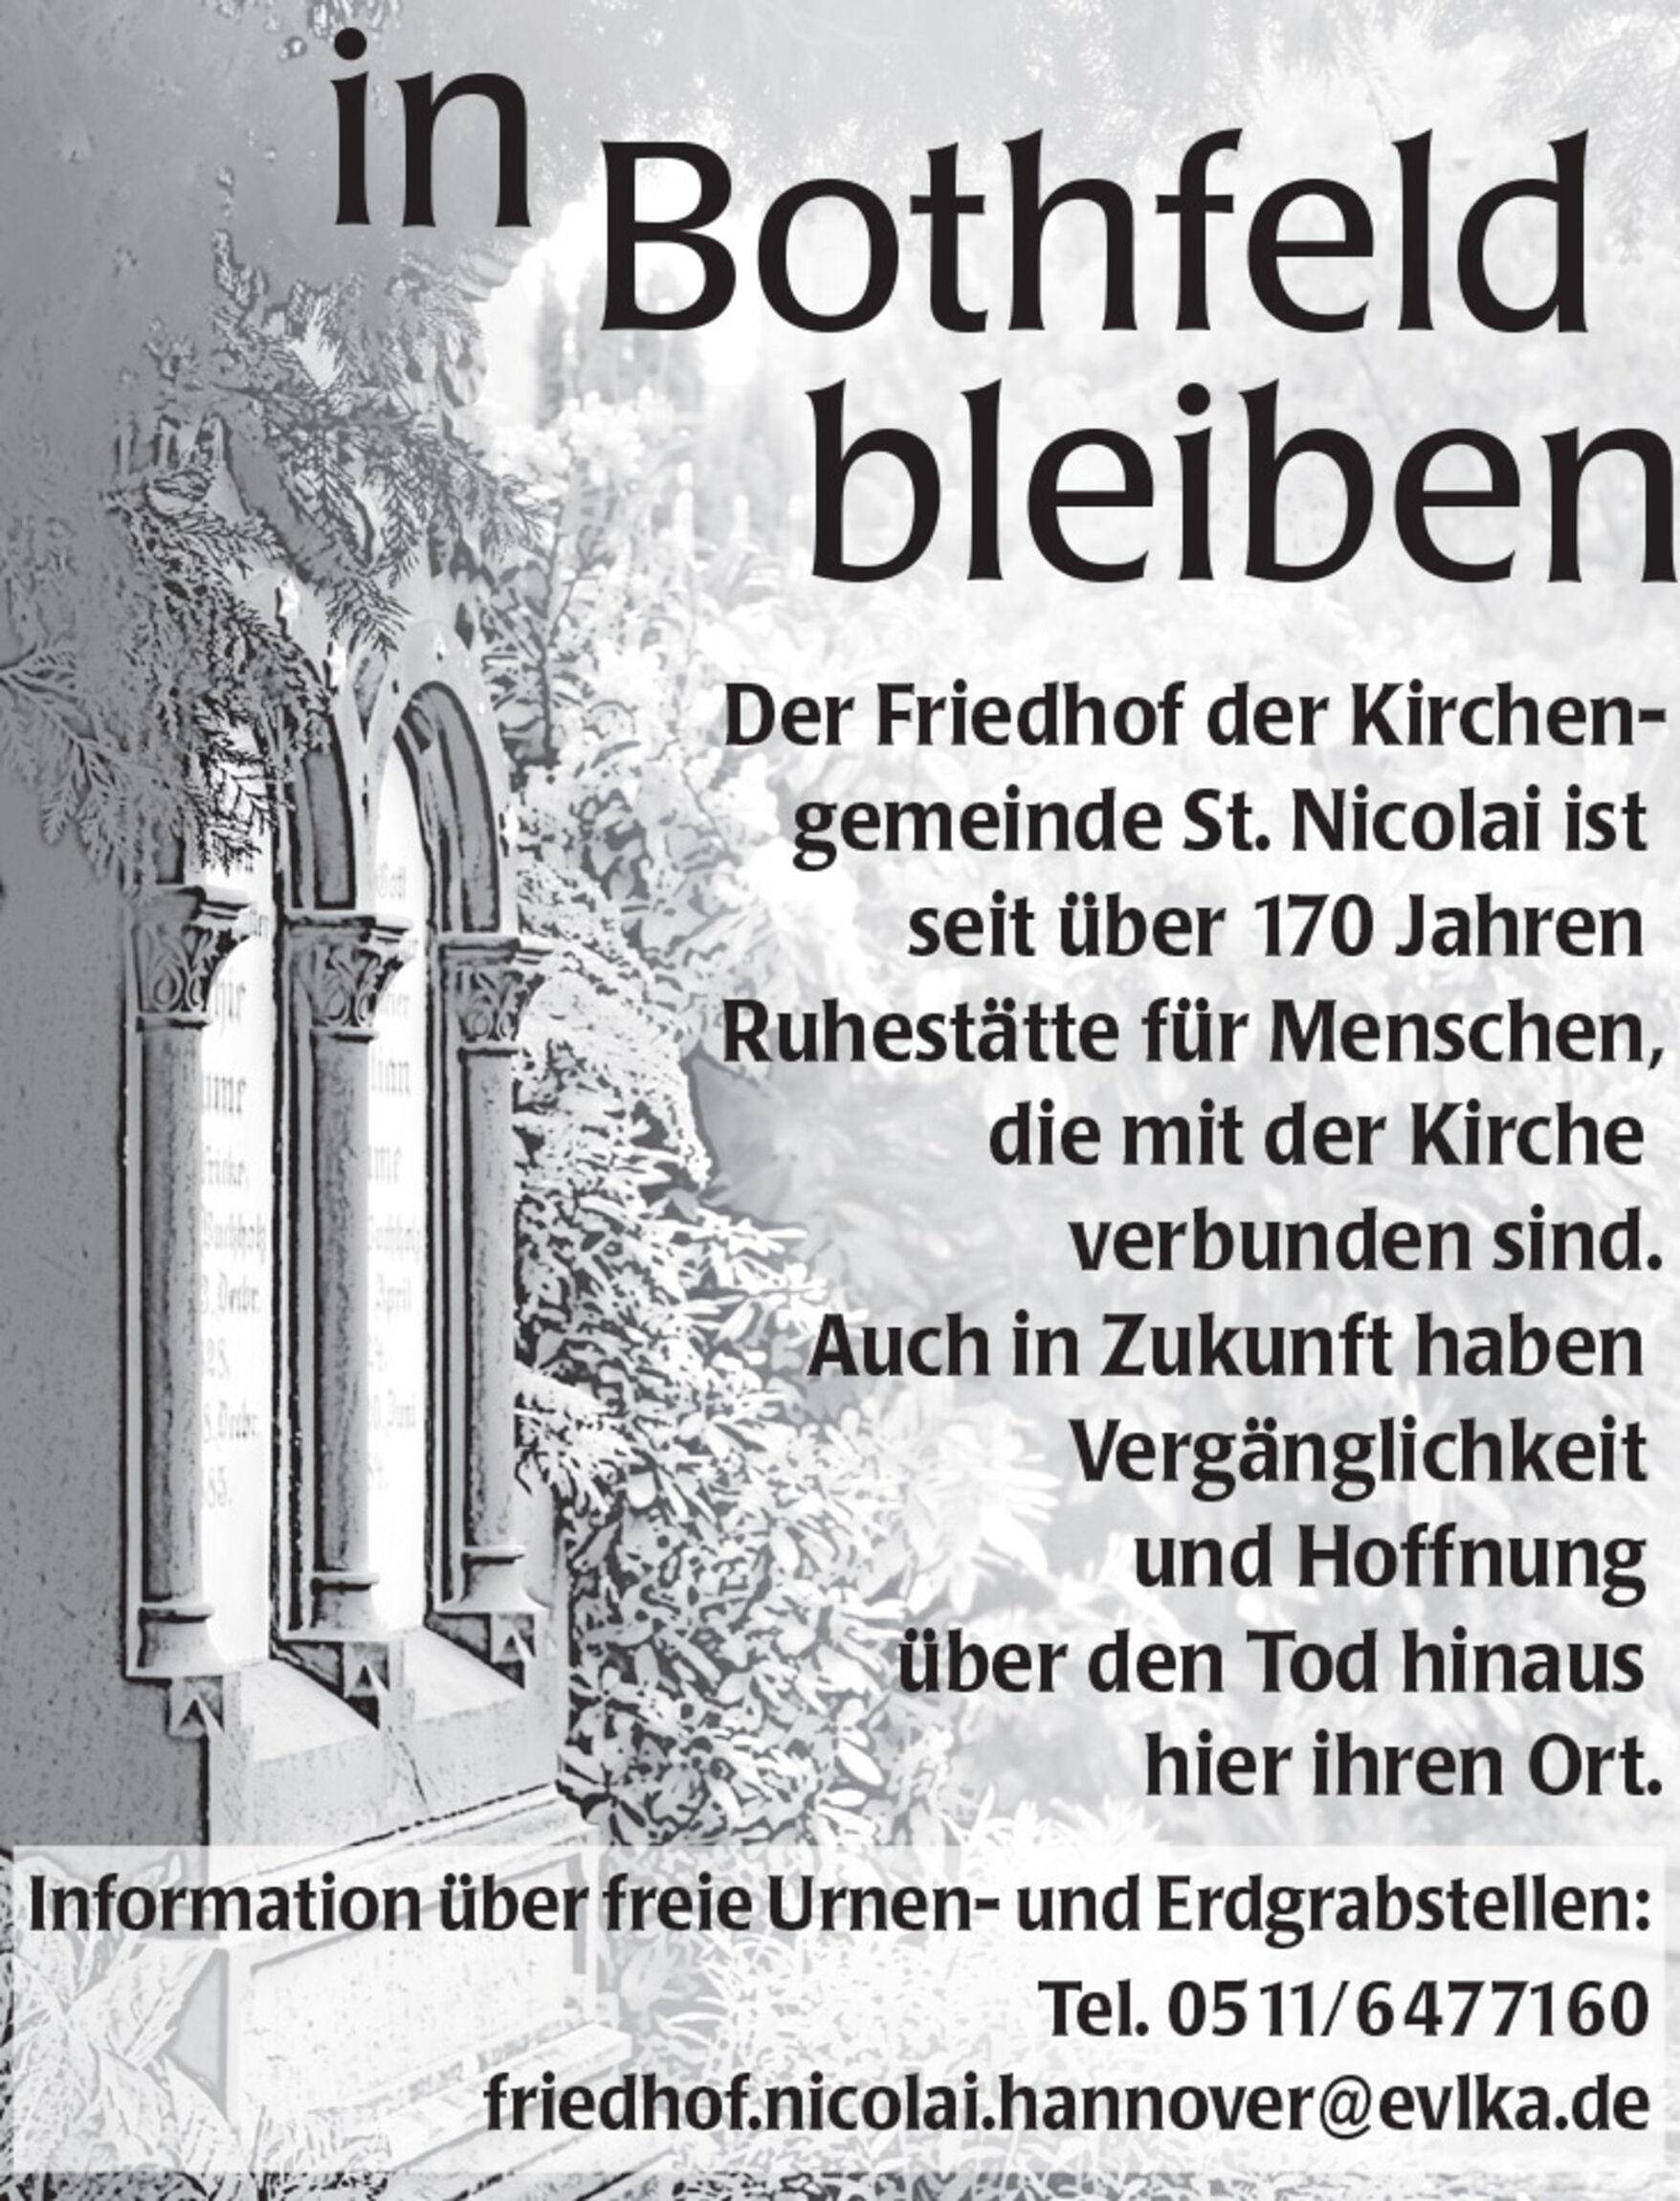 InBothfeldBleiben